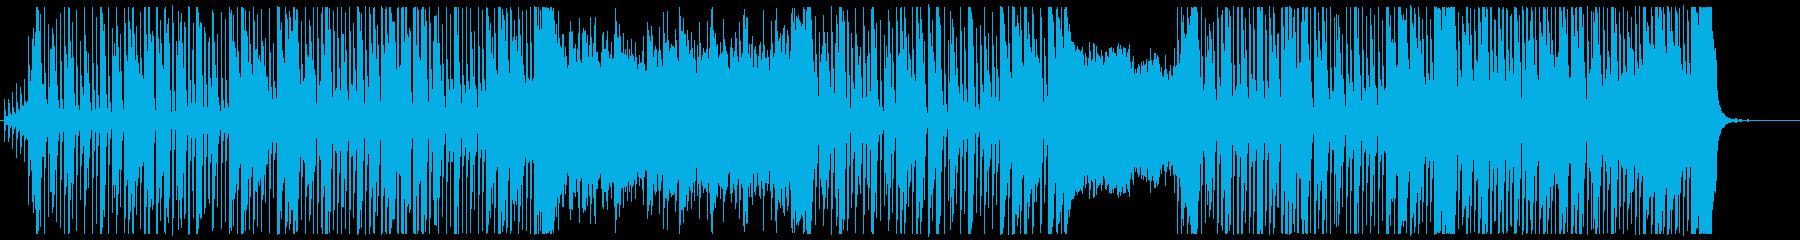 かわいいエレクトロ・ドリームポップの再生済みの波形